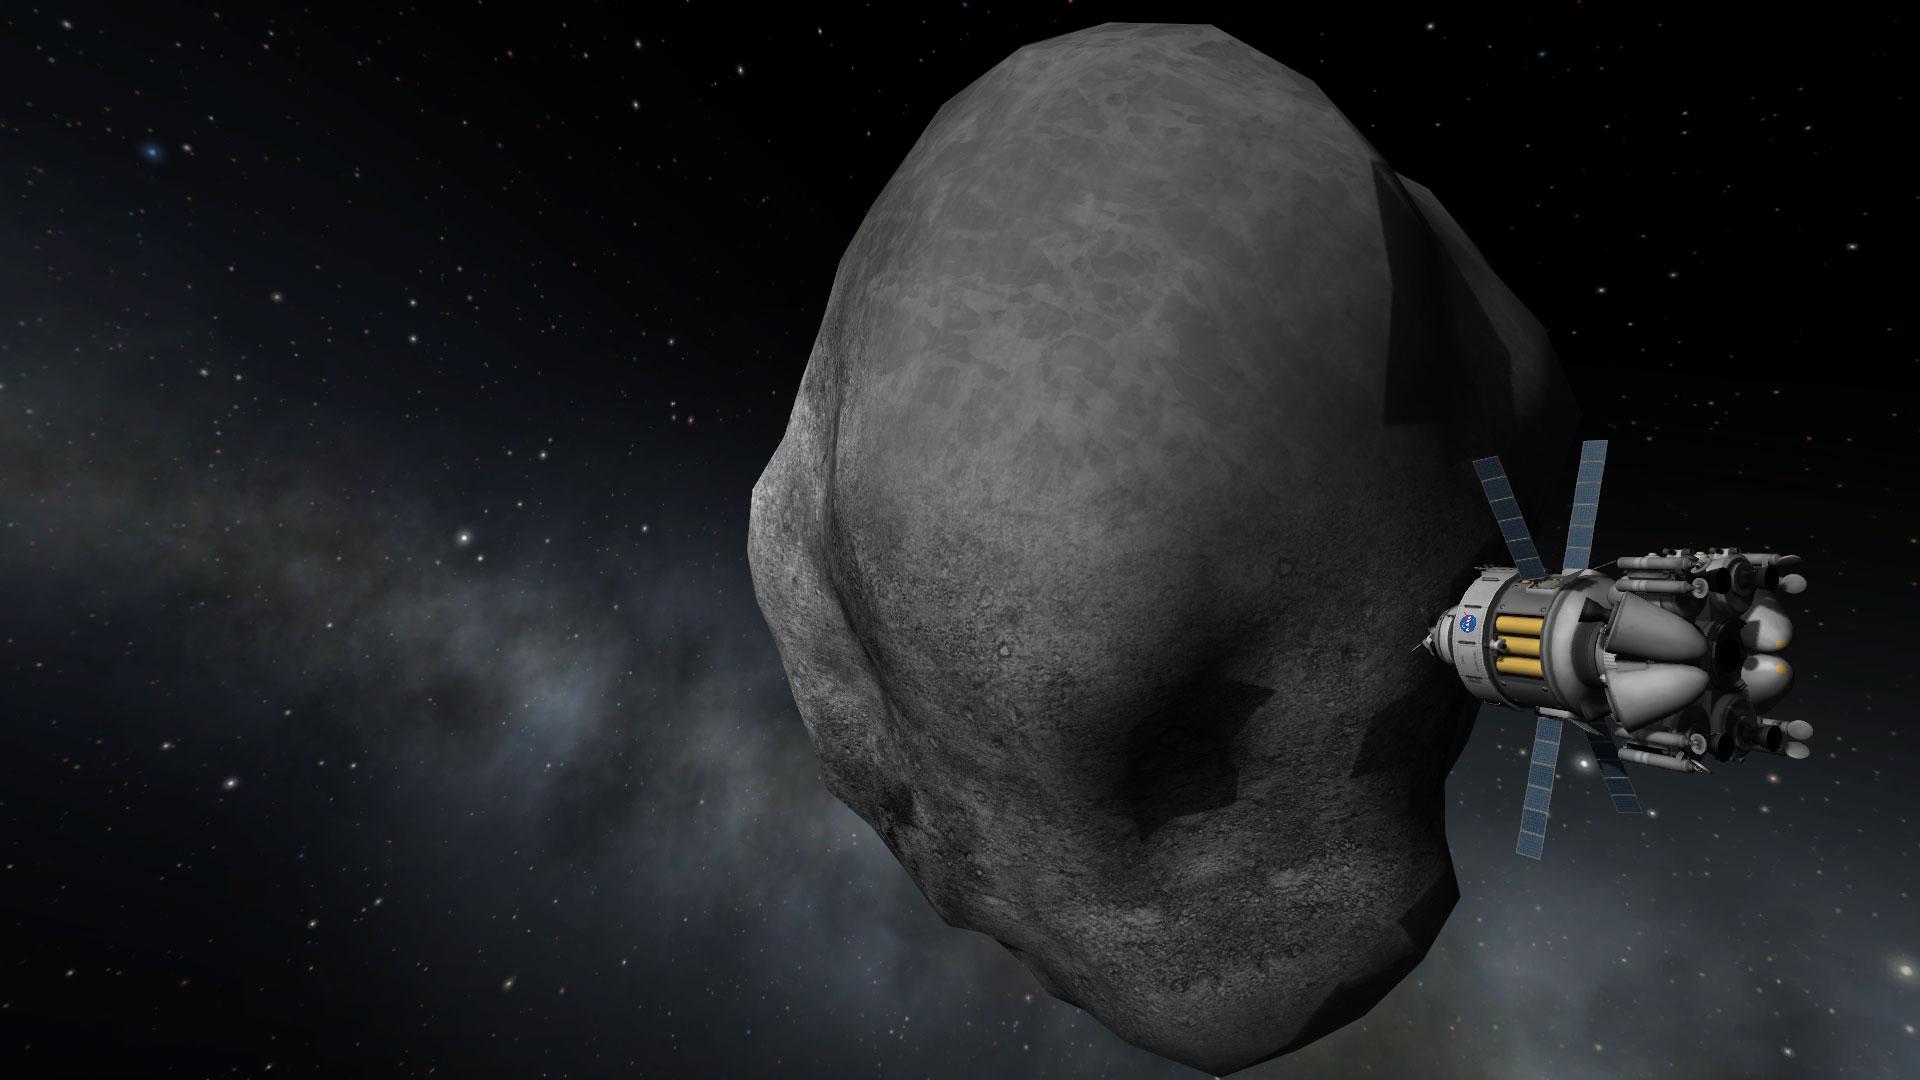 Kerbal Space Program: Bringing rocket science to games ...